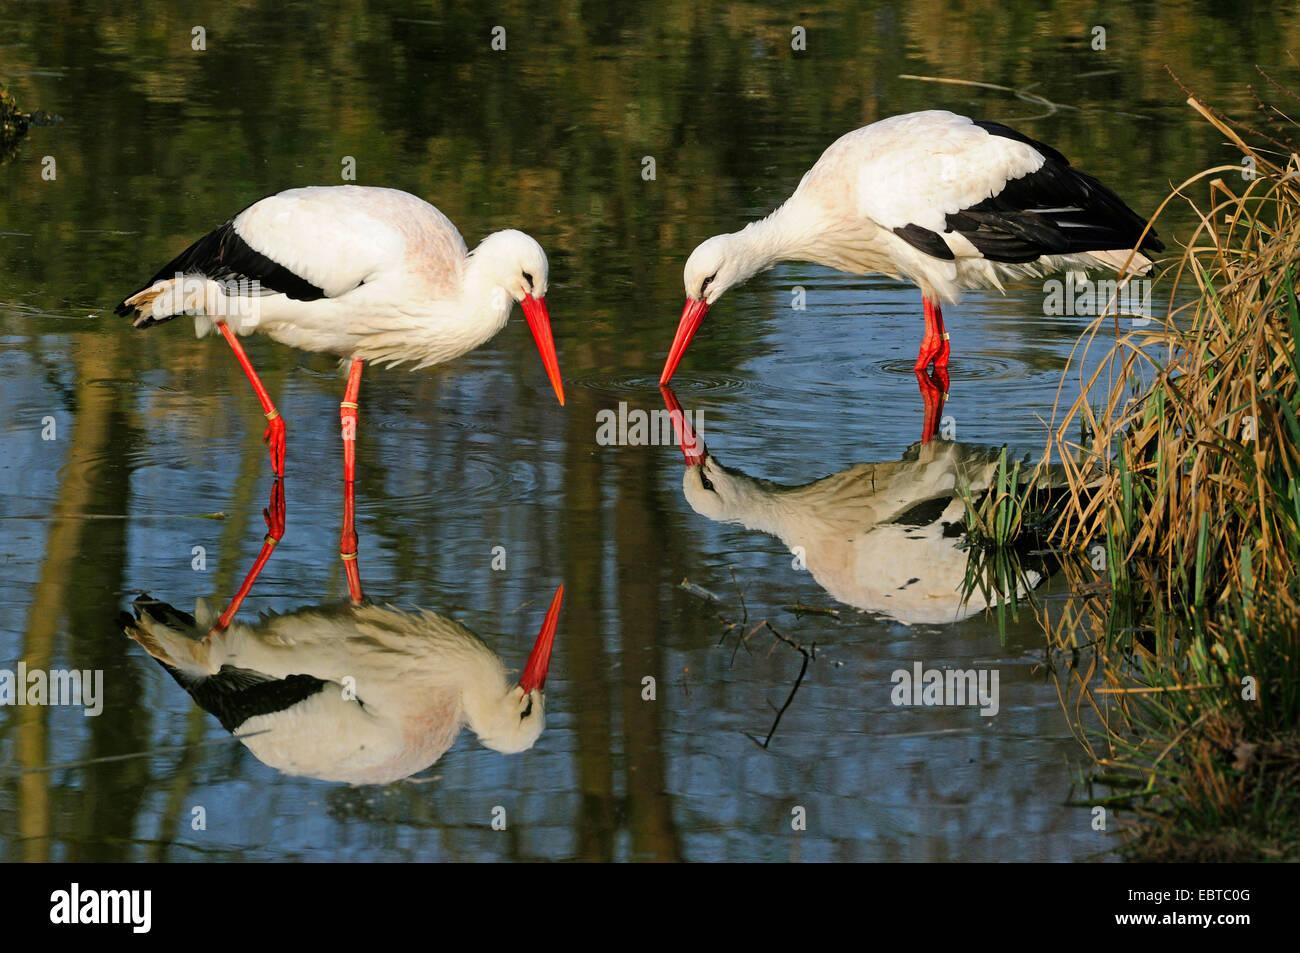 Cigüeña blanca (Ciconia ciconia), dos aves en busca de alimento en aguas poco profundas, Alemania Foto de stock